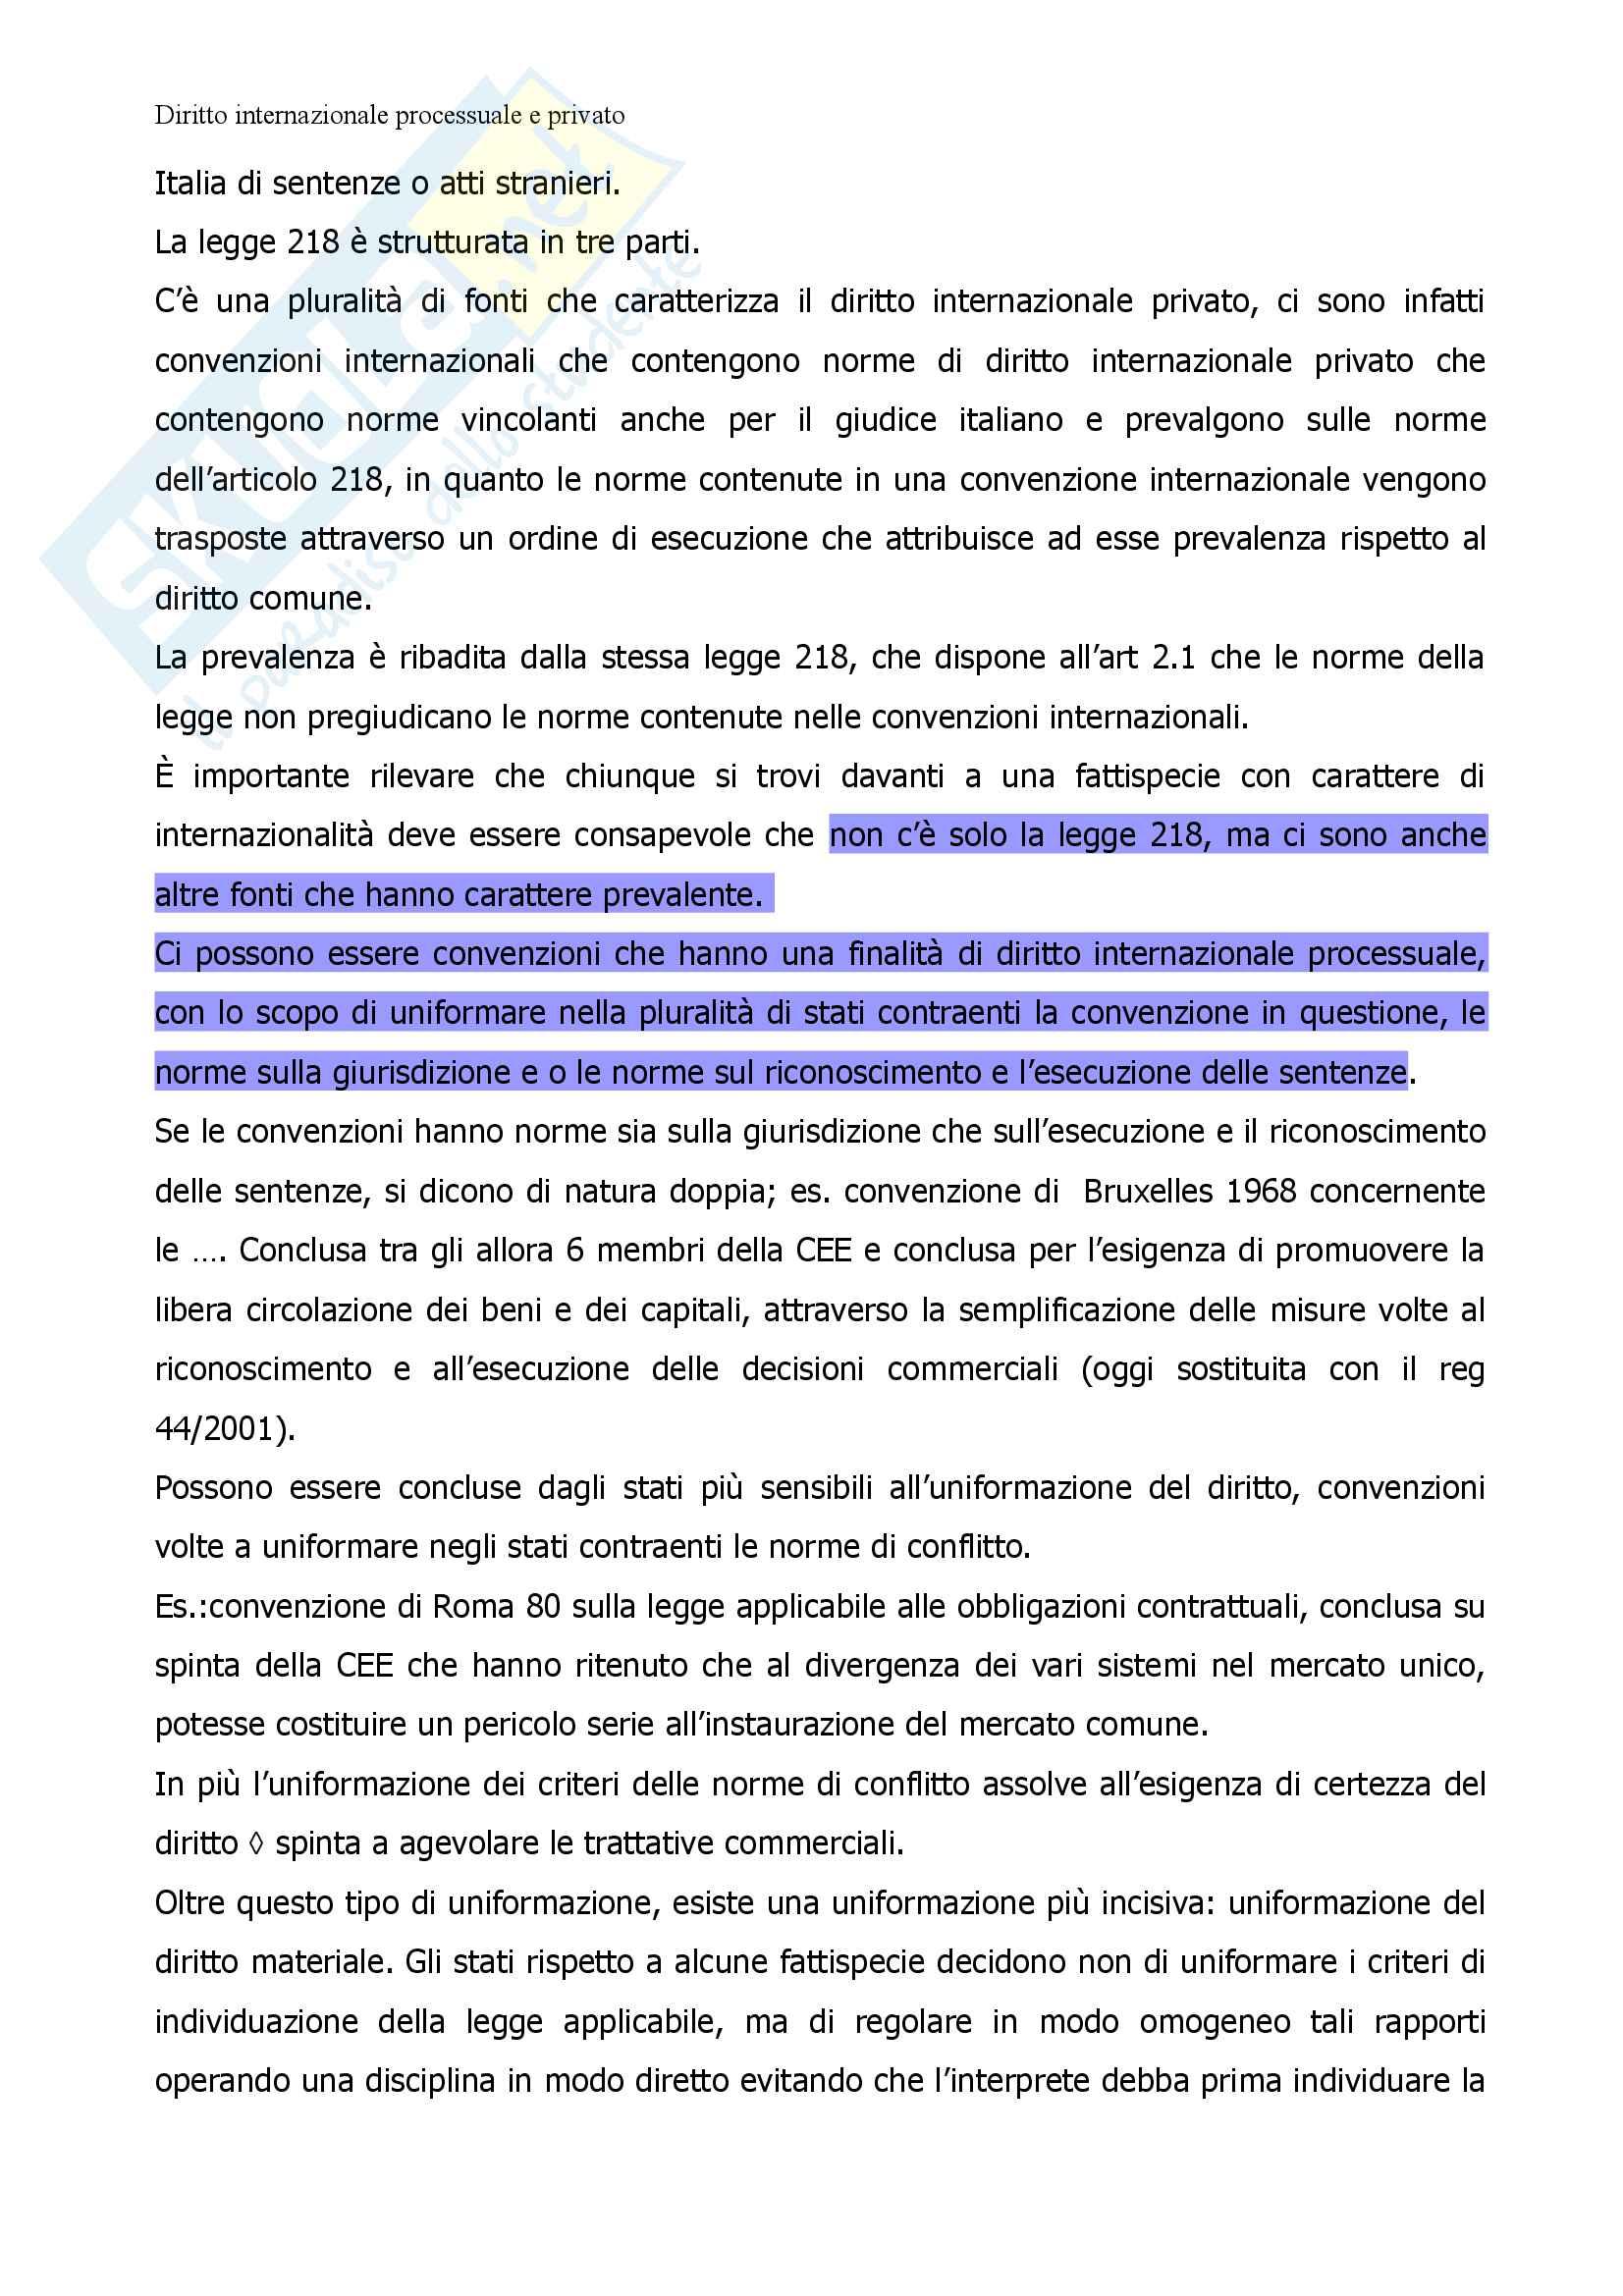 Appunti delle lezioni di Diritto internazionale privato e processuale Pag. 6